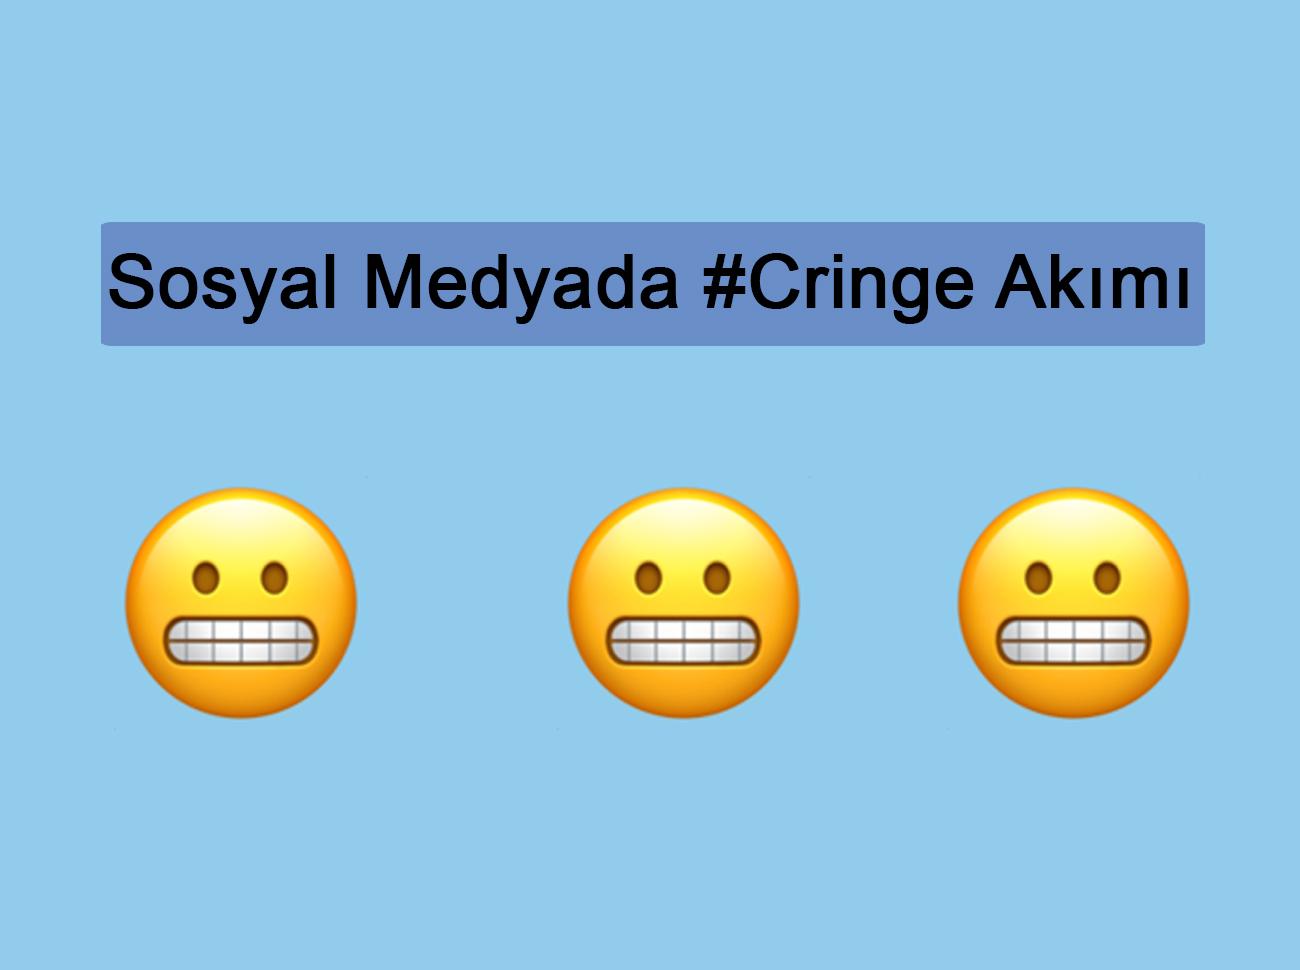 Sosyal Medyada Cringe Akımı